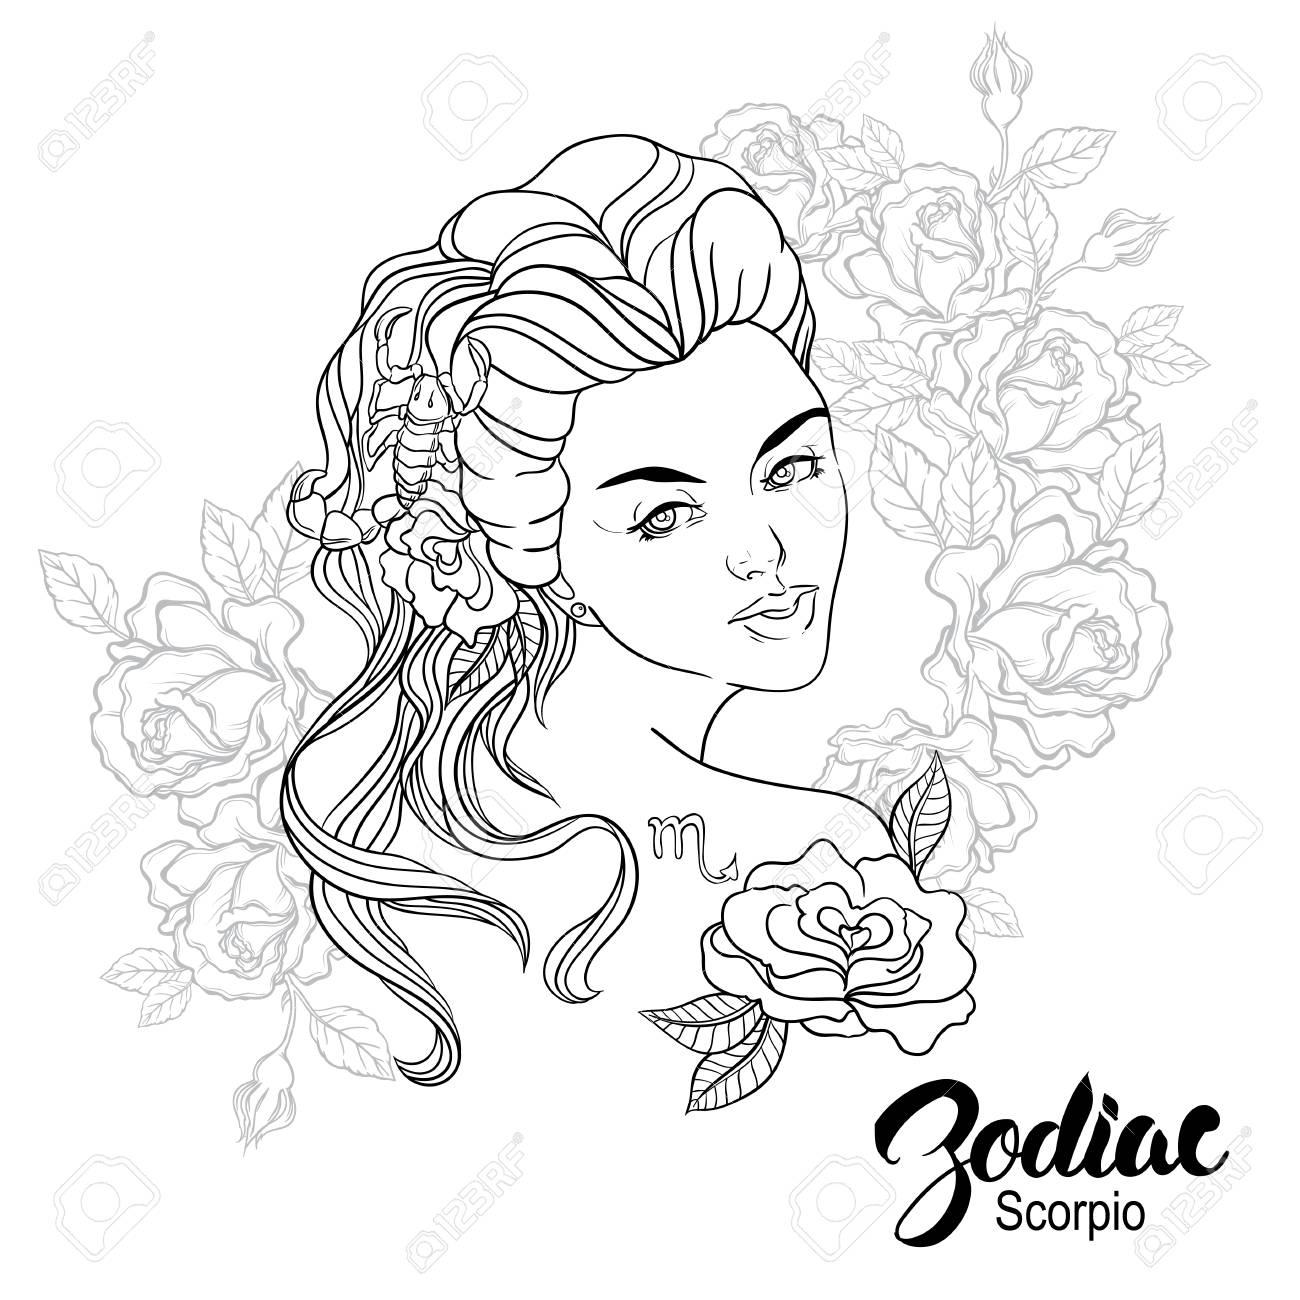 Ilustración Del Zodiaco Del Escorpión Como Muchacha Con Flores Diseño De Página De Libro Para Colorear